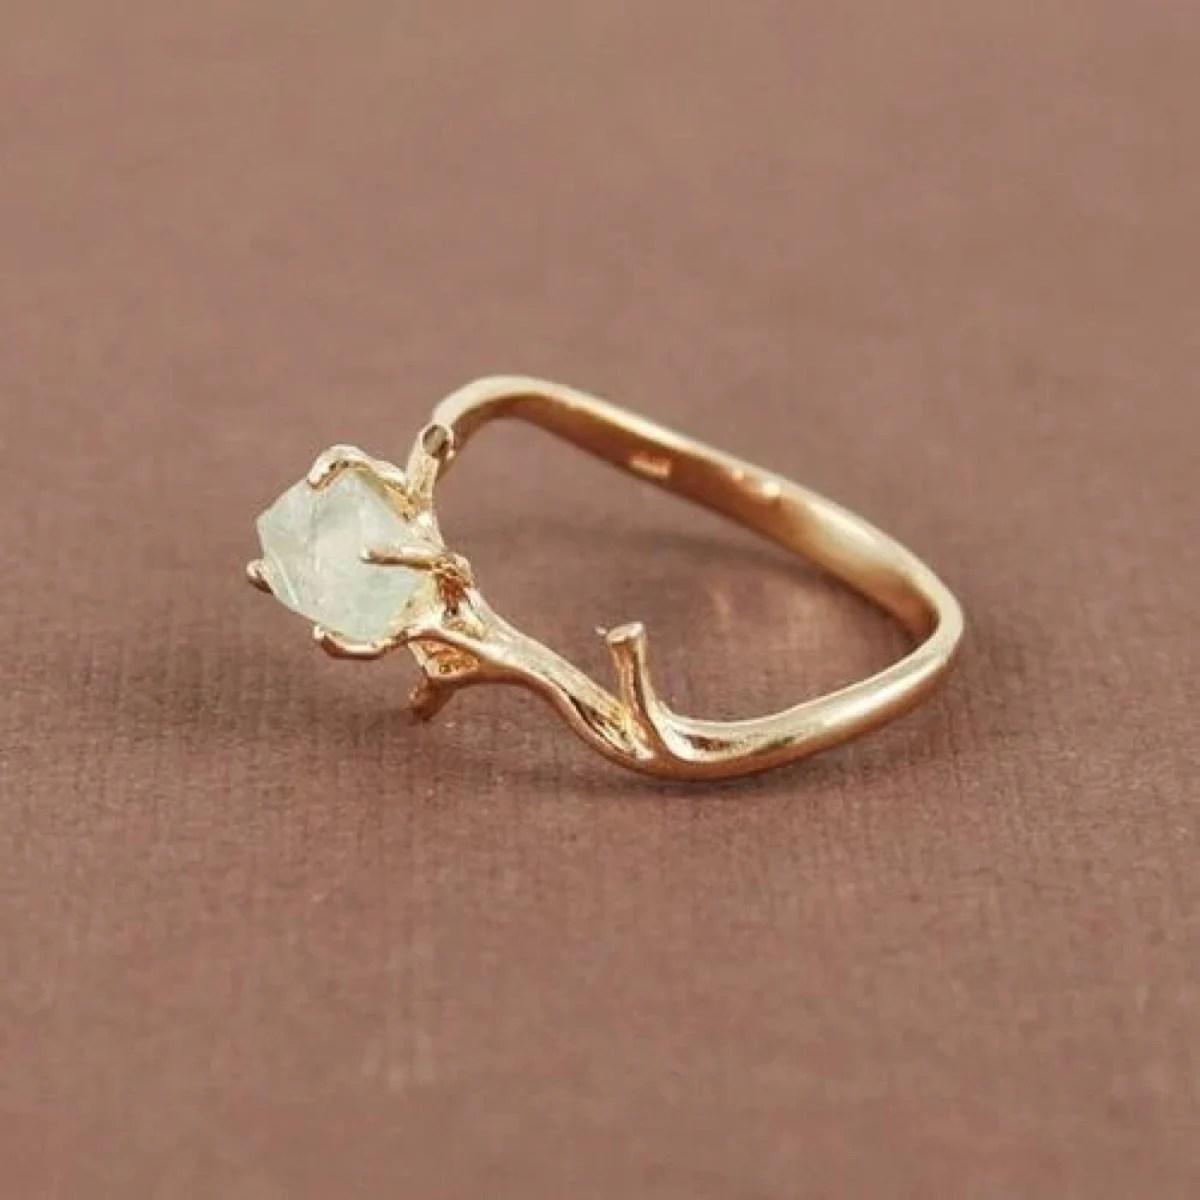 30 Increbles anillos de compromiso minimalistas y perfectos